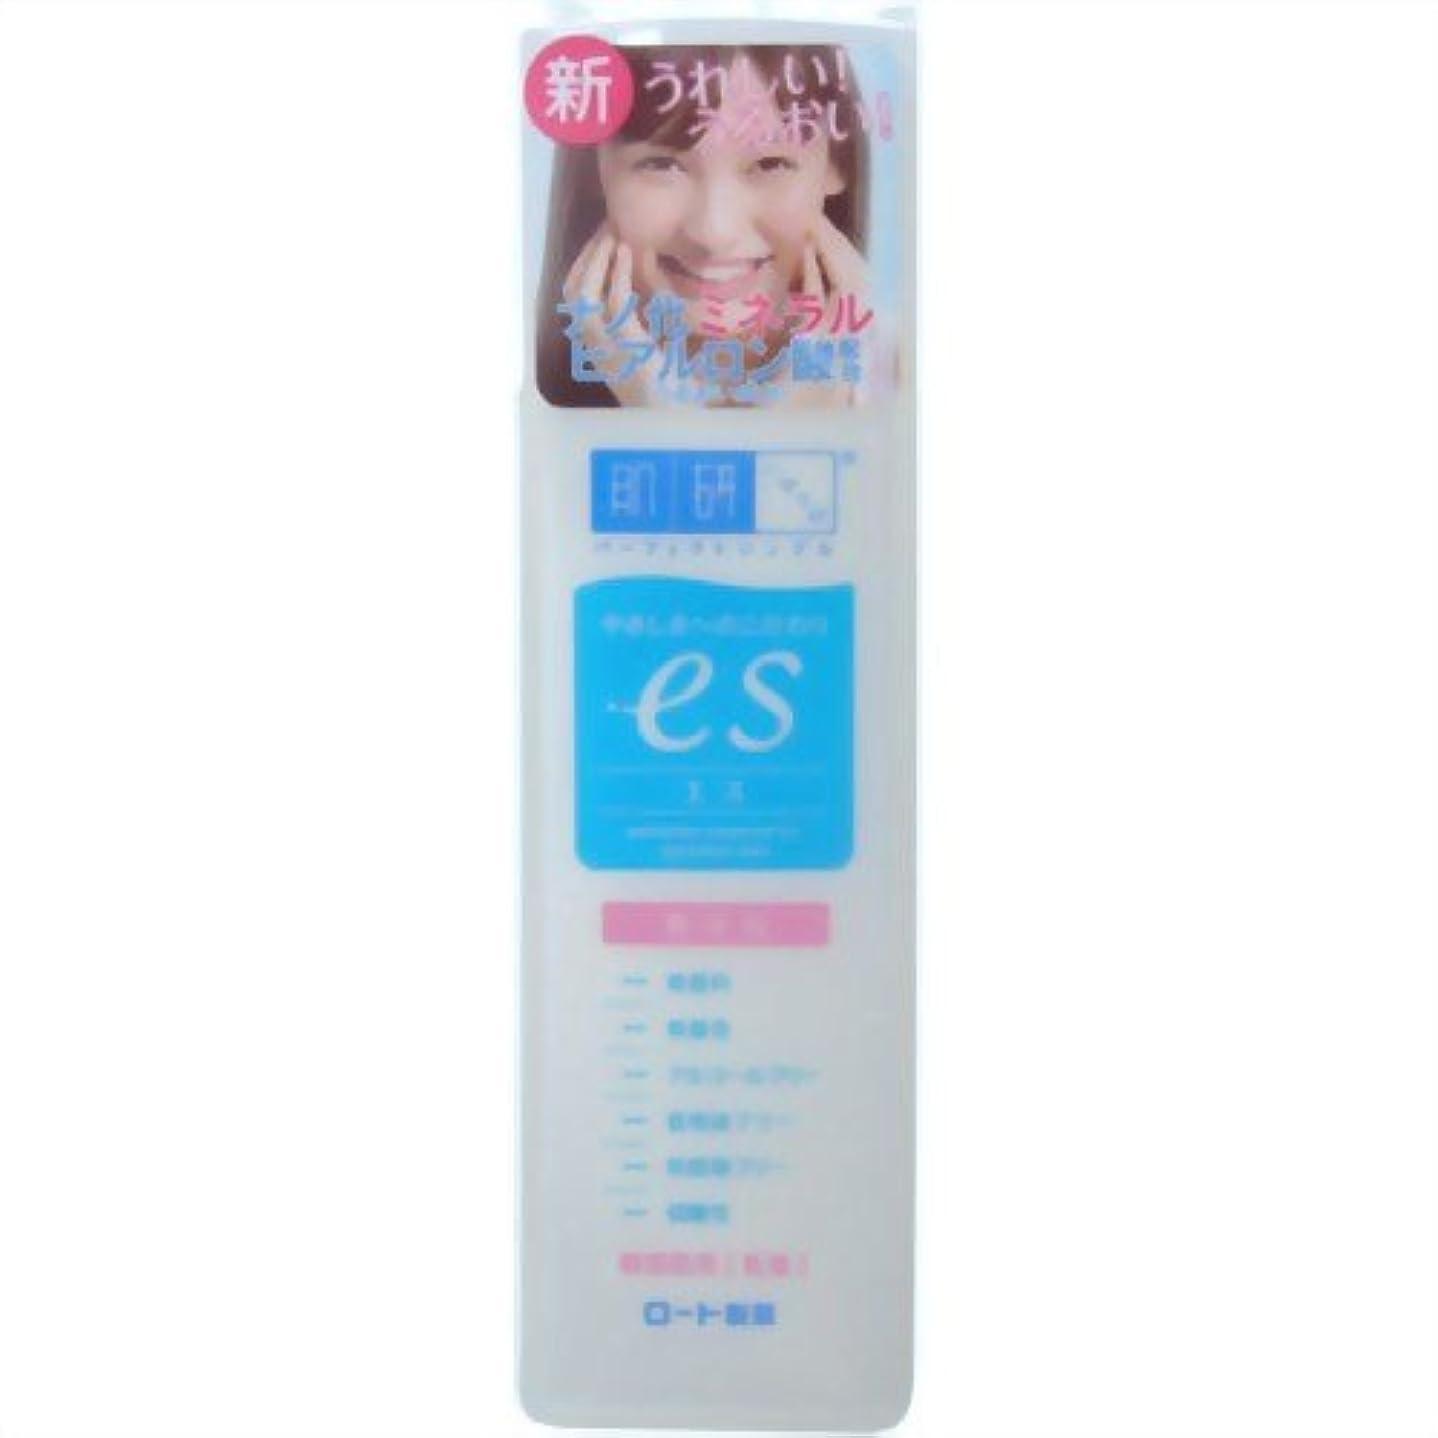 どこ備品苦悩肌ラボ es(エス) ナノ化ミネラルヒアルロン酸配合 無添加処方 乳液 140ml